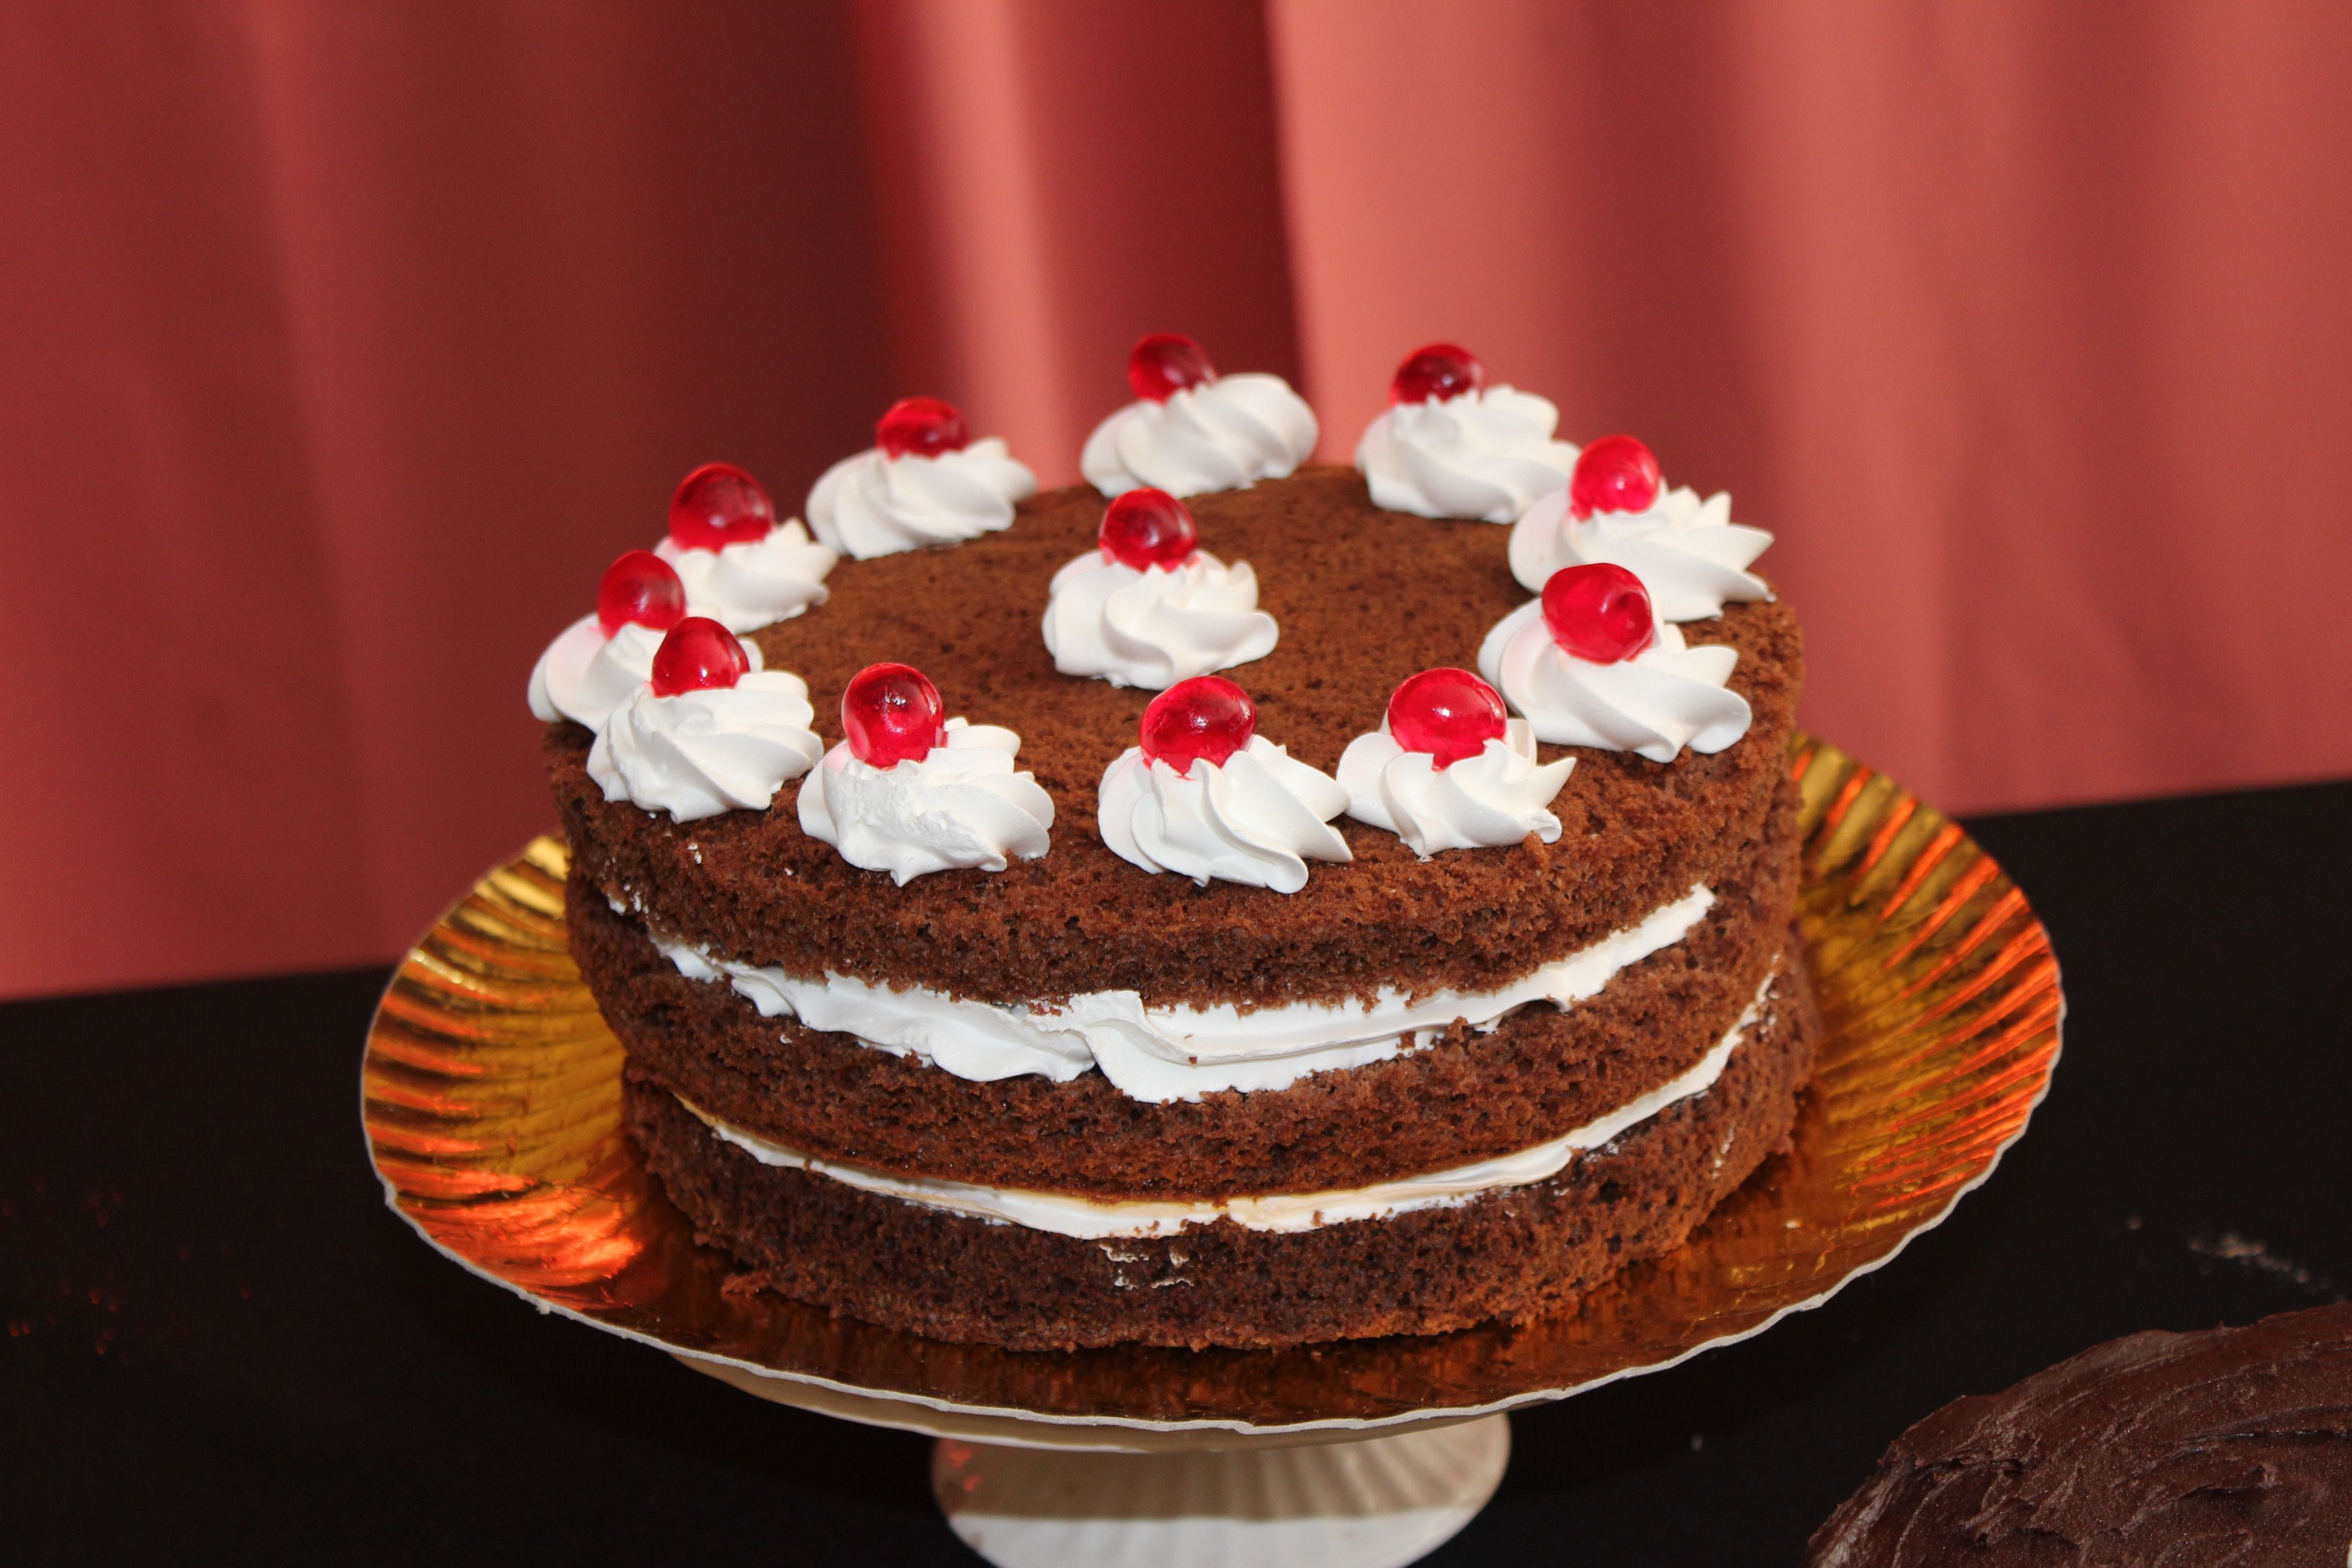 Torta selva negra, chocolate, crema chantilly y cerezas